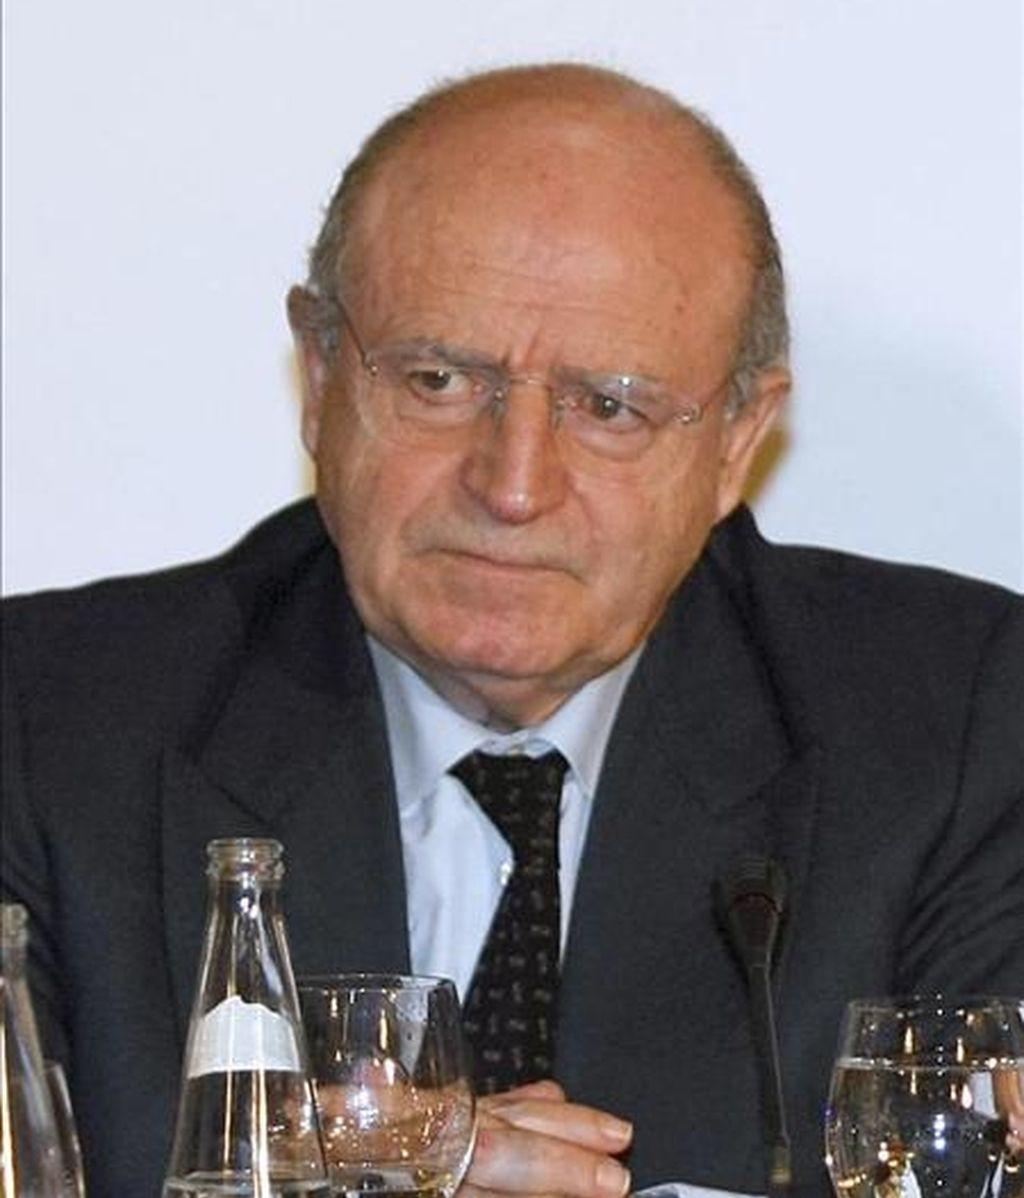 En la imagen, el ex ministro de Asuntos Exteriores Abel Matutes. EFE/Archivo